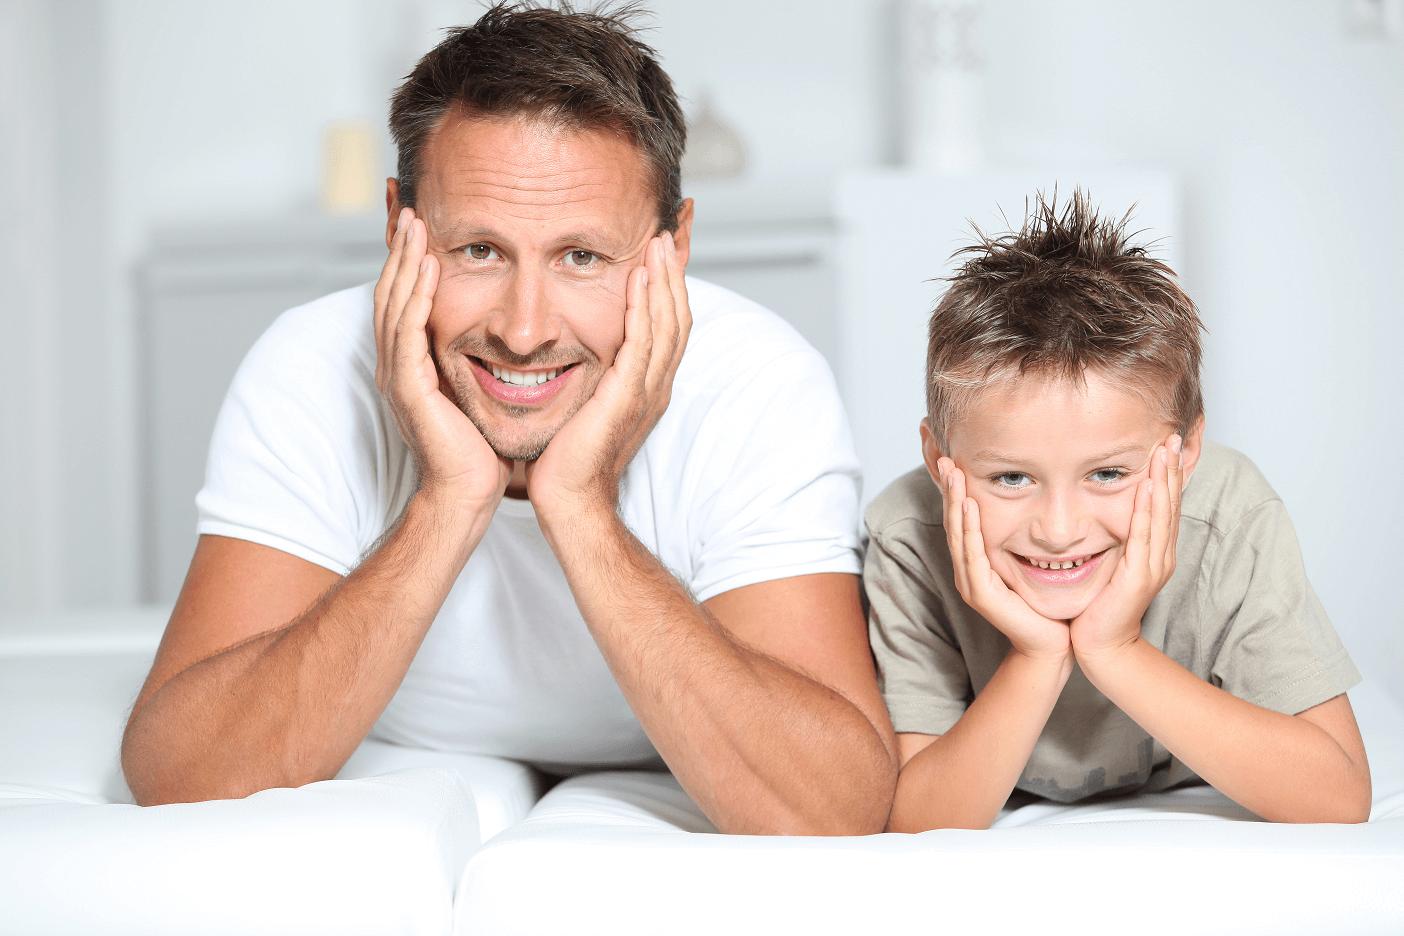 Половое созревание мальчиков - о чем стоит обязательно сказать?